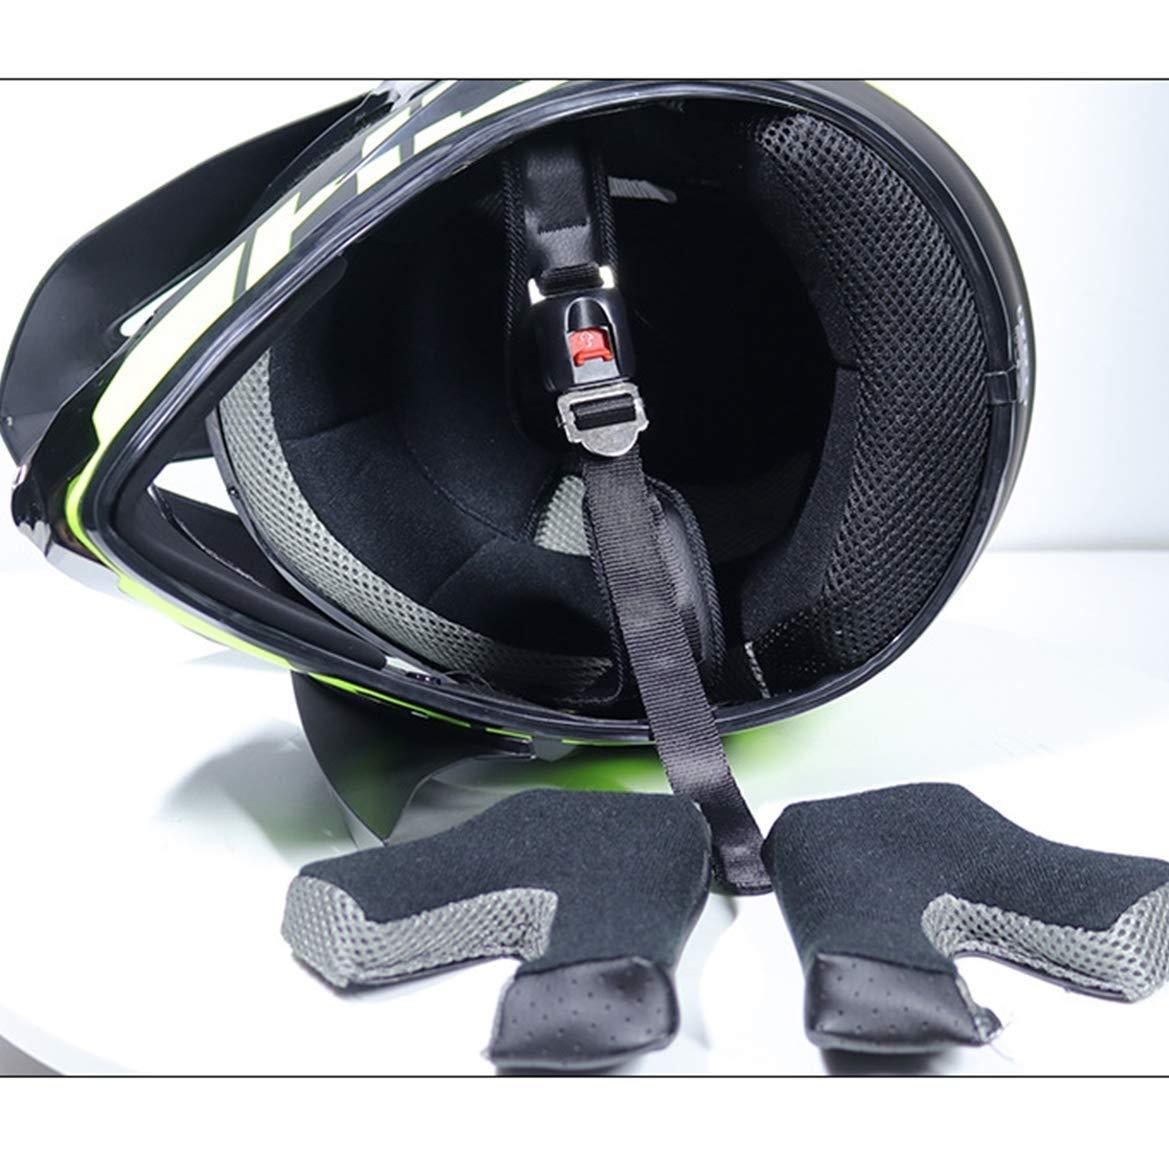 LSLVKEN Casque de Motocross Kit Professionnel Casque de Moto Adultes Off-Road Cross Road Race Casque De Route Unisexe Int/éGral Y Compris des Lunettes//des Gants//Masques,Beige,S